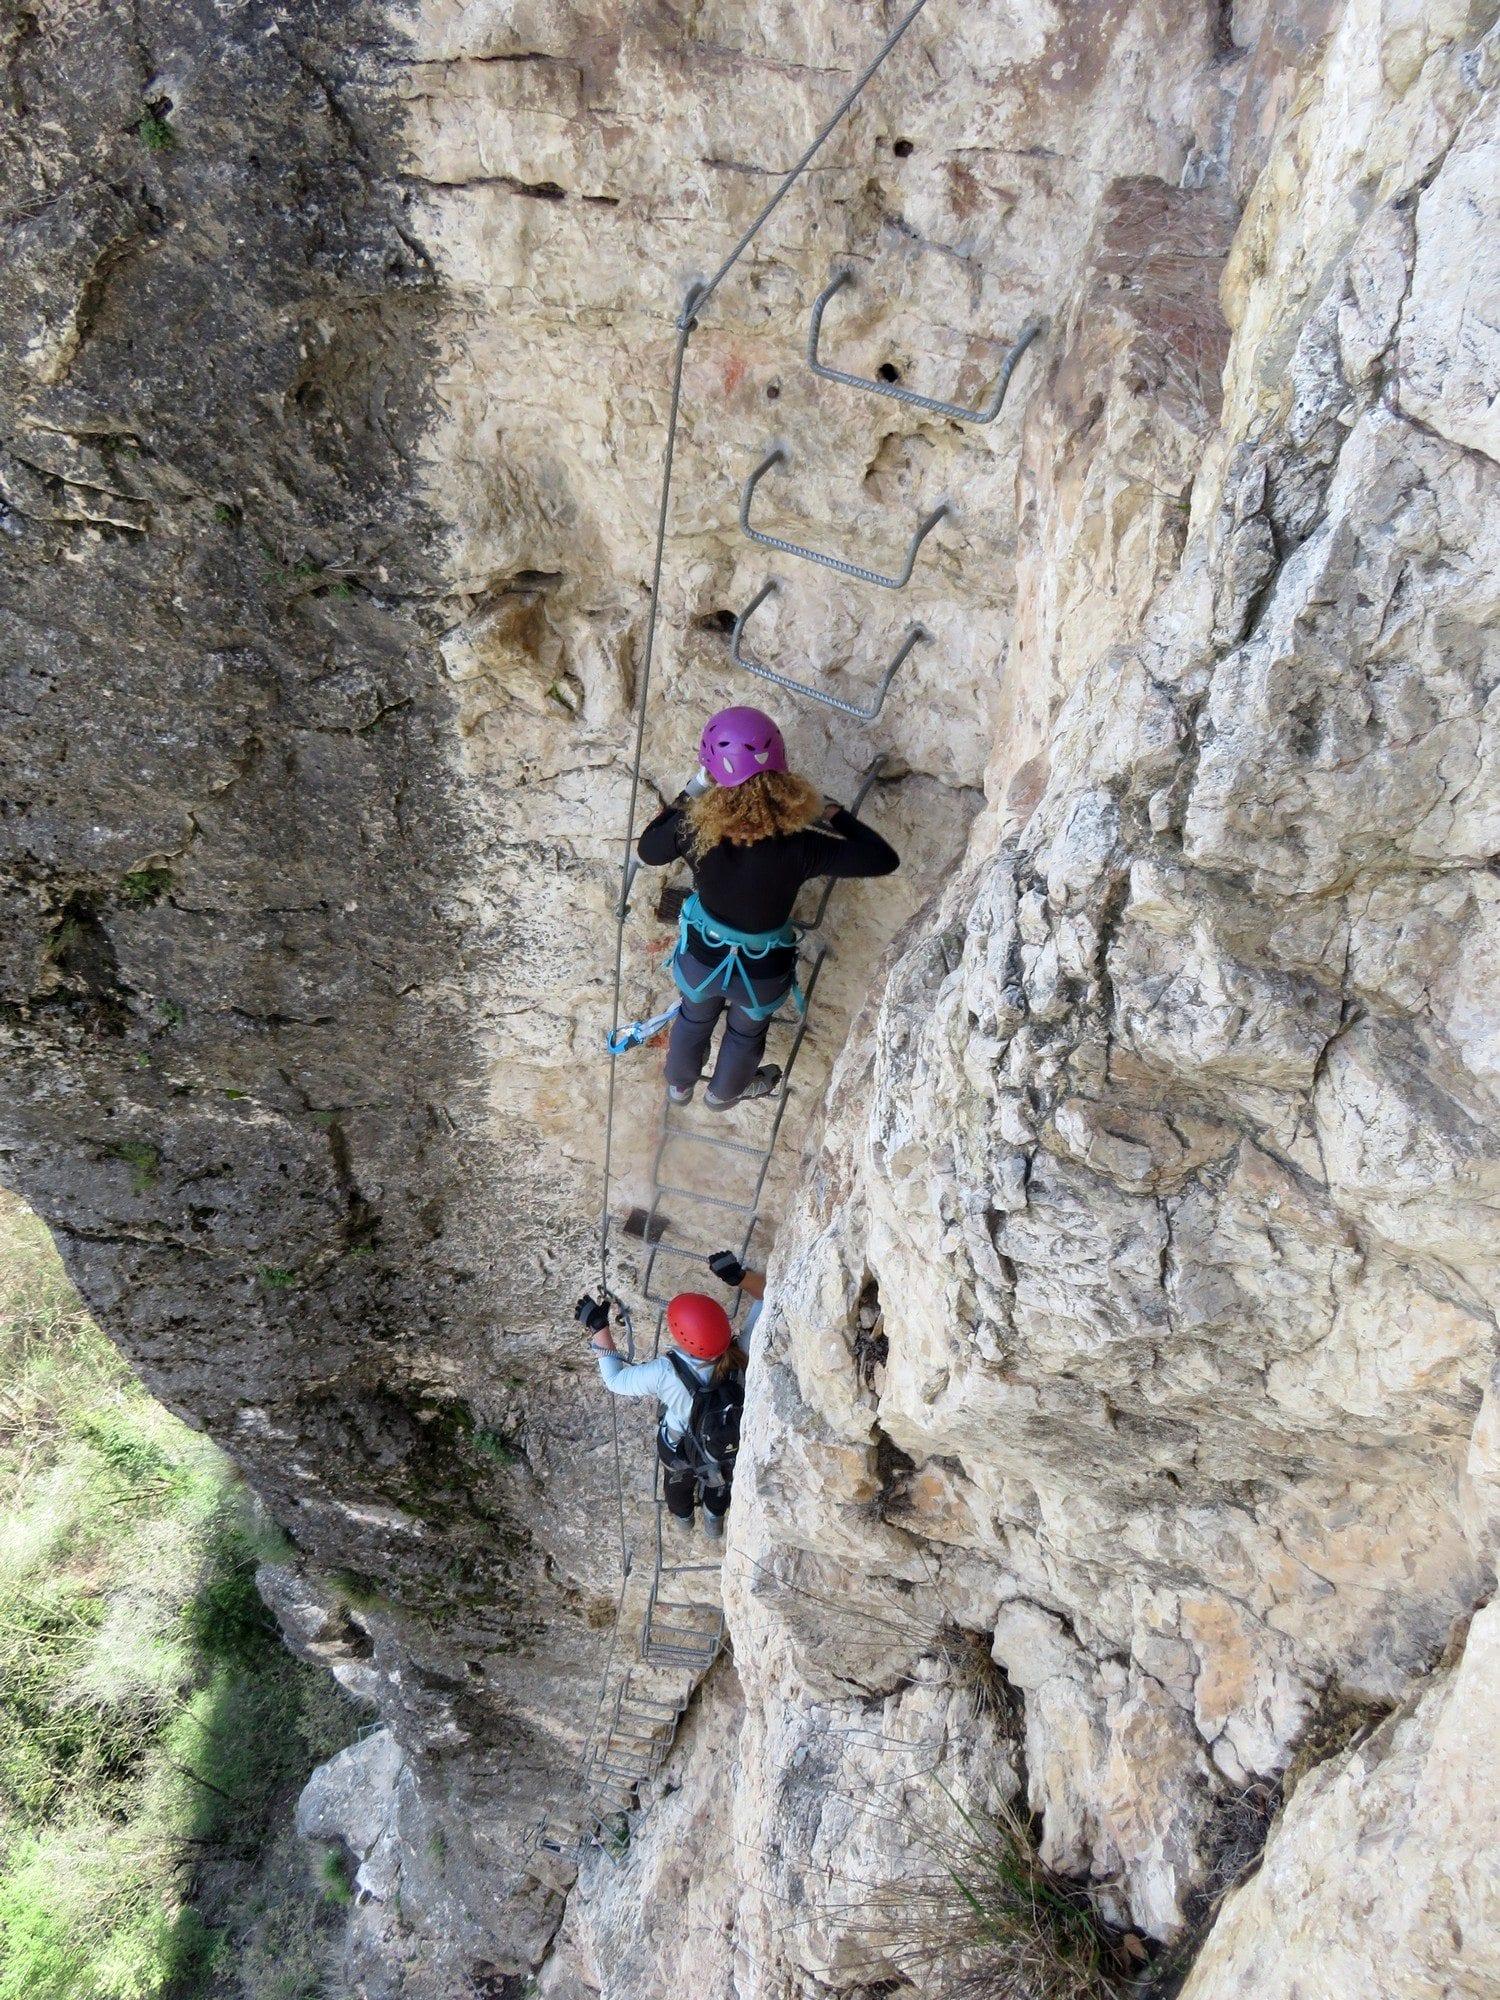 ויה פראטה Monte Albano - אקסטרים באיטליה - ערוצים בטבע